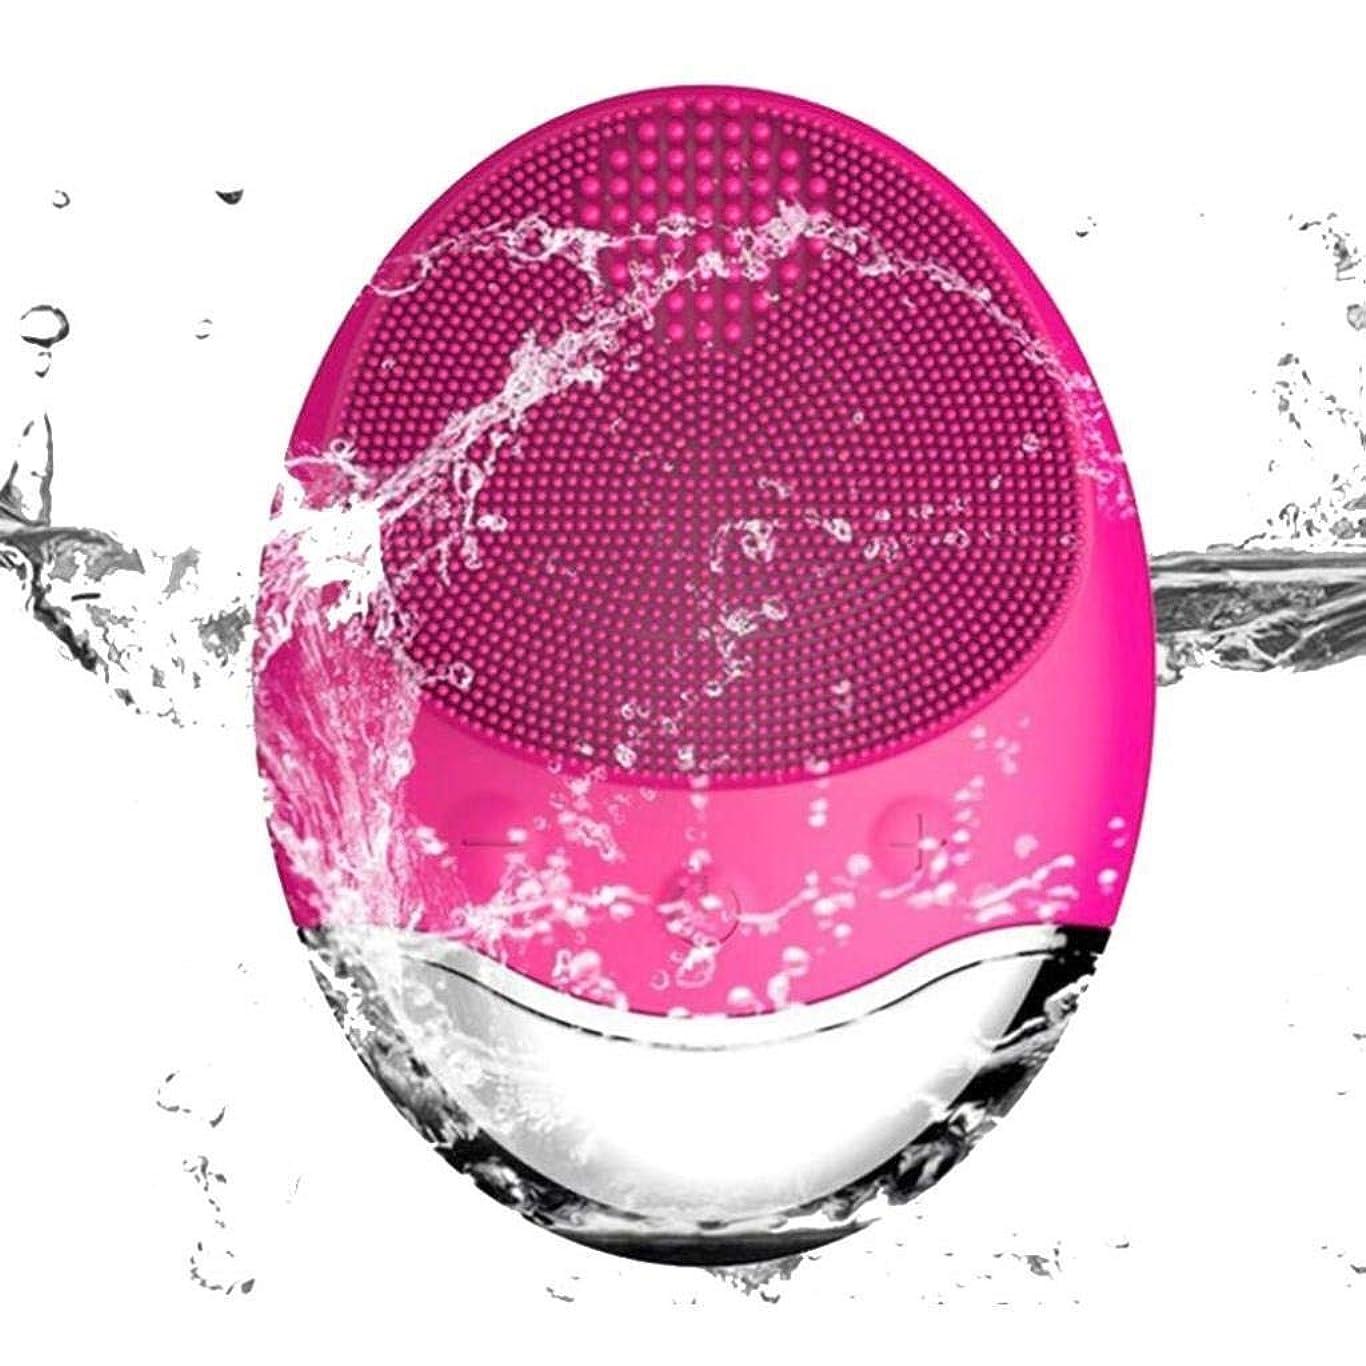 モールス信号海峡レベルクレンジング器具、電気シリコーンクレンジングブラシ、竹炭音波フェイシャルマッサージワイヤレス充電式毛穴クリーナー、ディープクレンジング、穏やかな角質除去 (Color : Red)